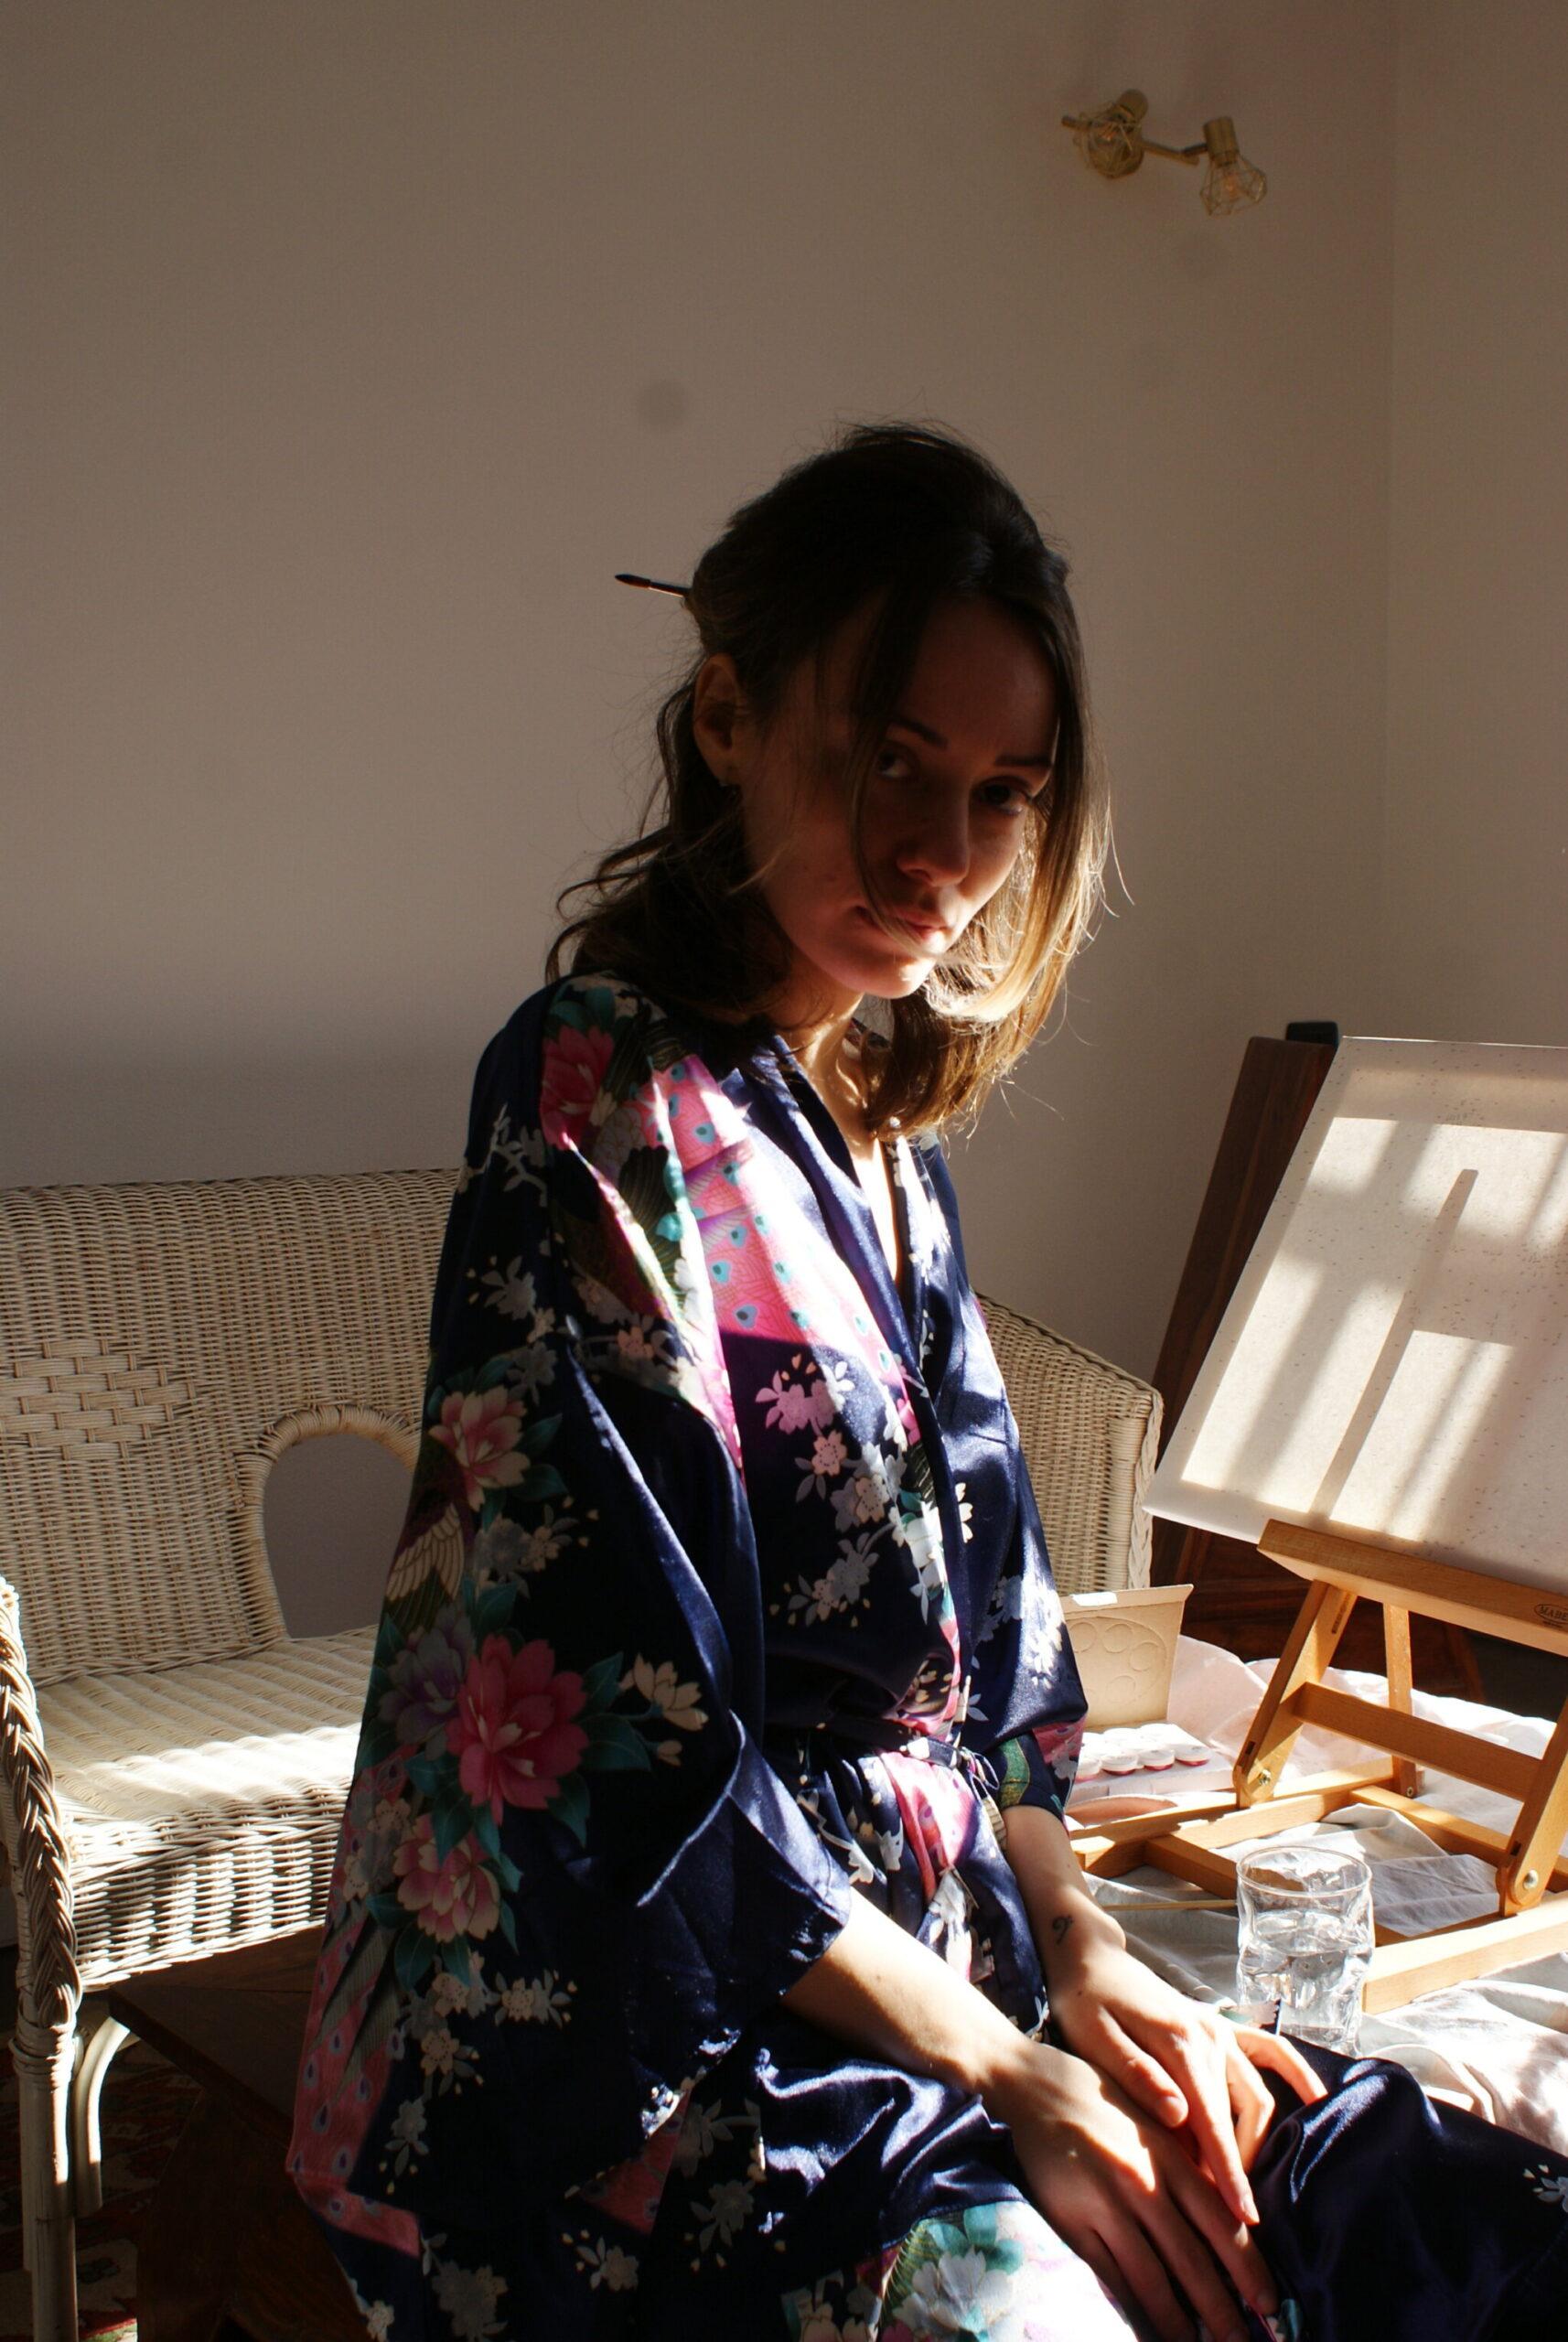 elisa diy lifestyle creative blogger italy milan creativa italiana milano fai da te blog